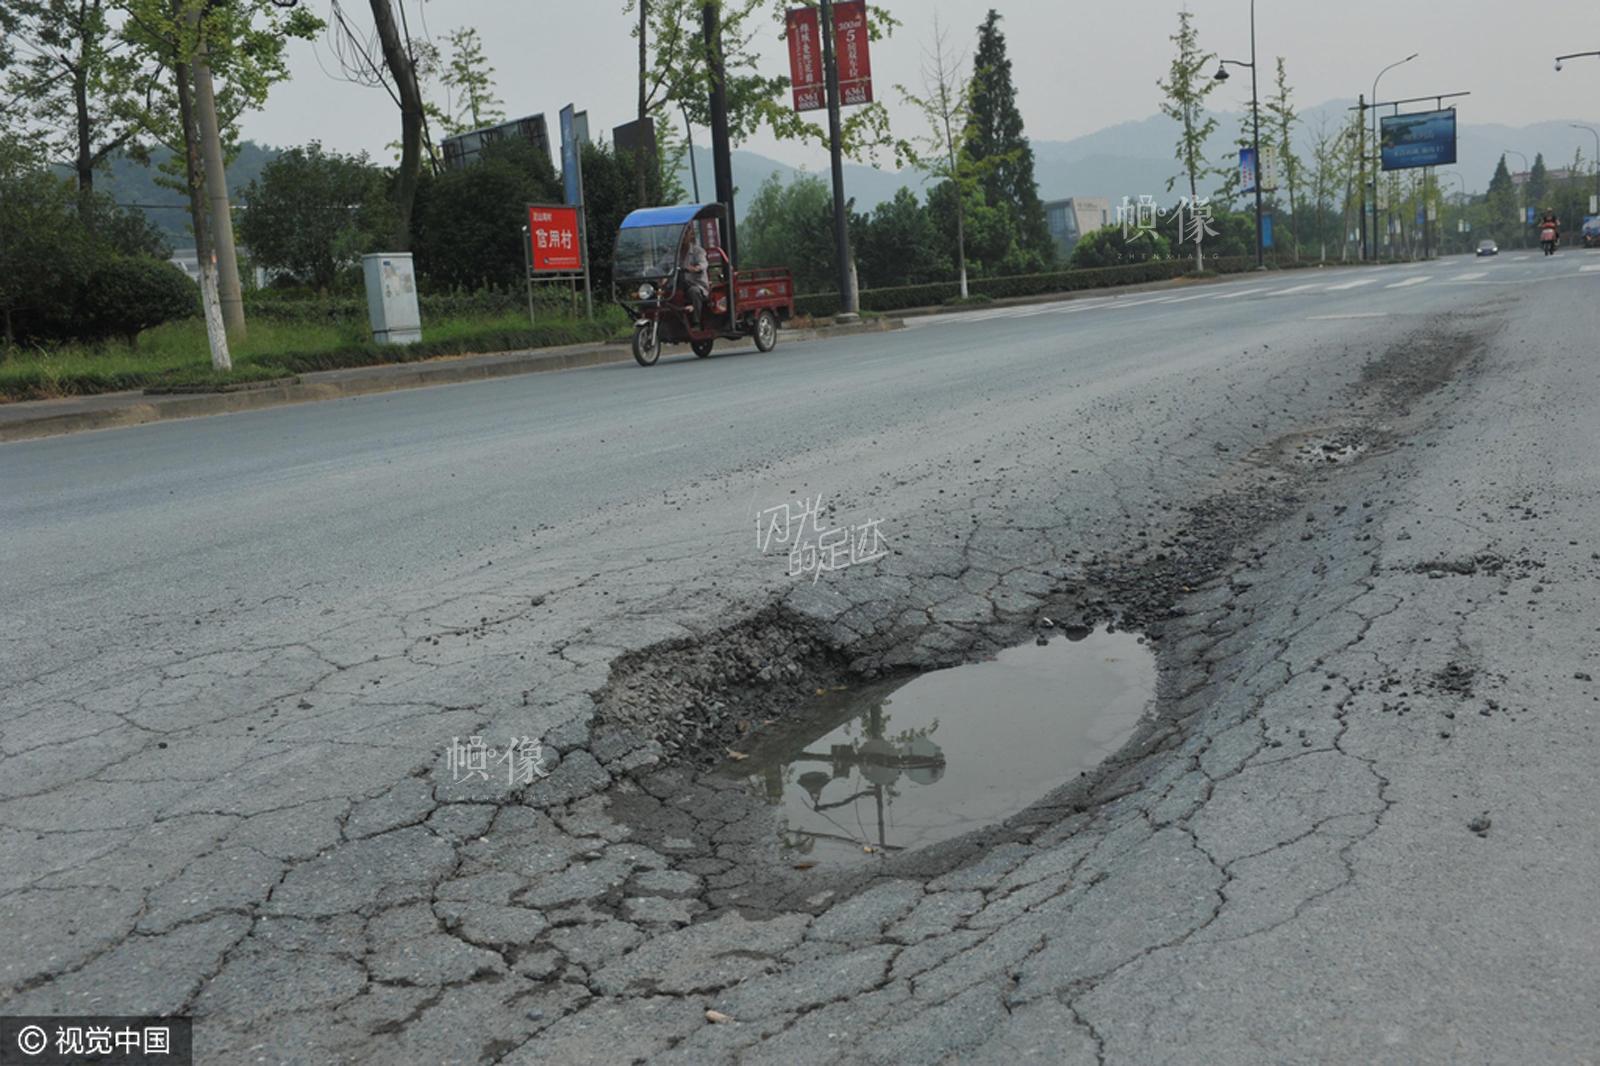 2015年8月30日,浙江省临安市圣元路上,一辆汽车从公路一侧的凹陷路面上驶过。据了解,出现路面凹陷的原因是周边常有超载工程车通过此地。视觉中国